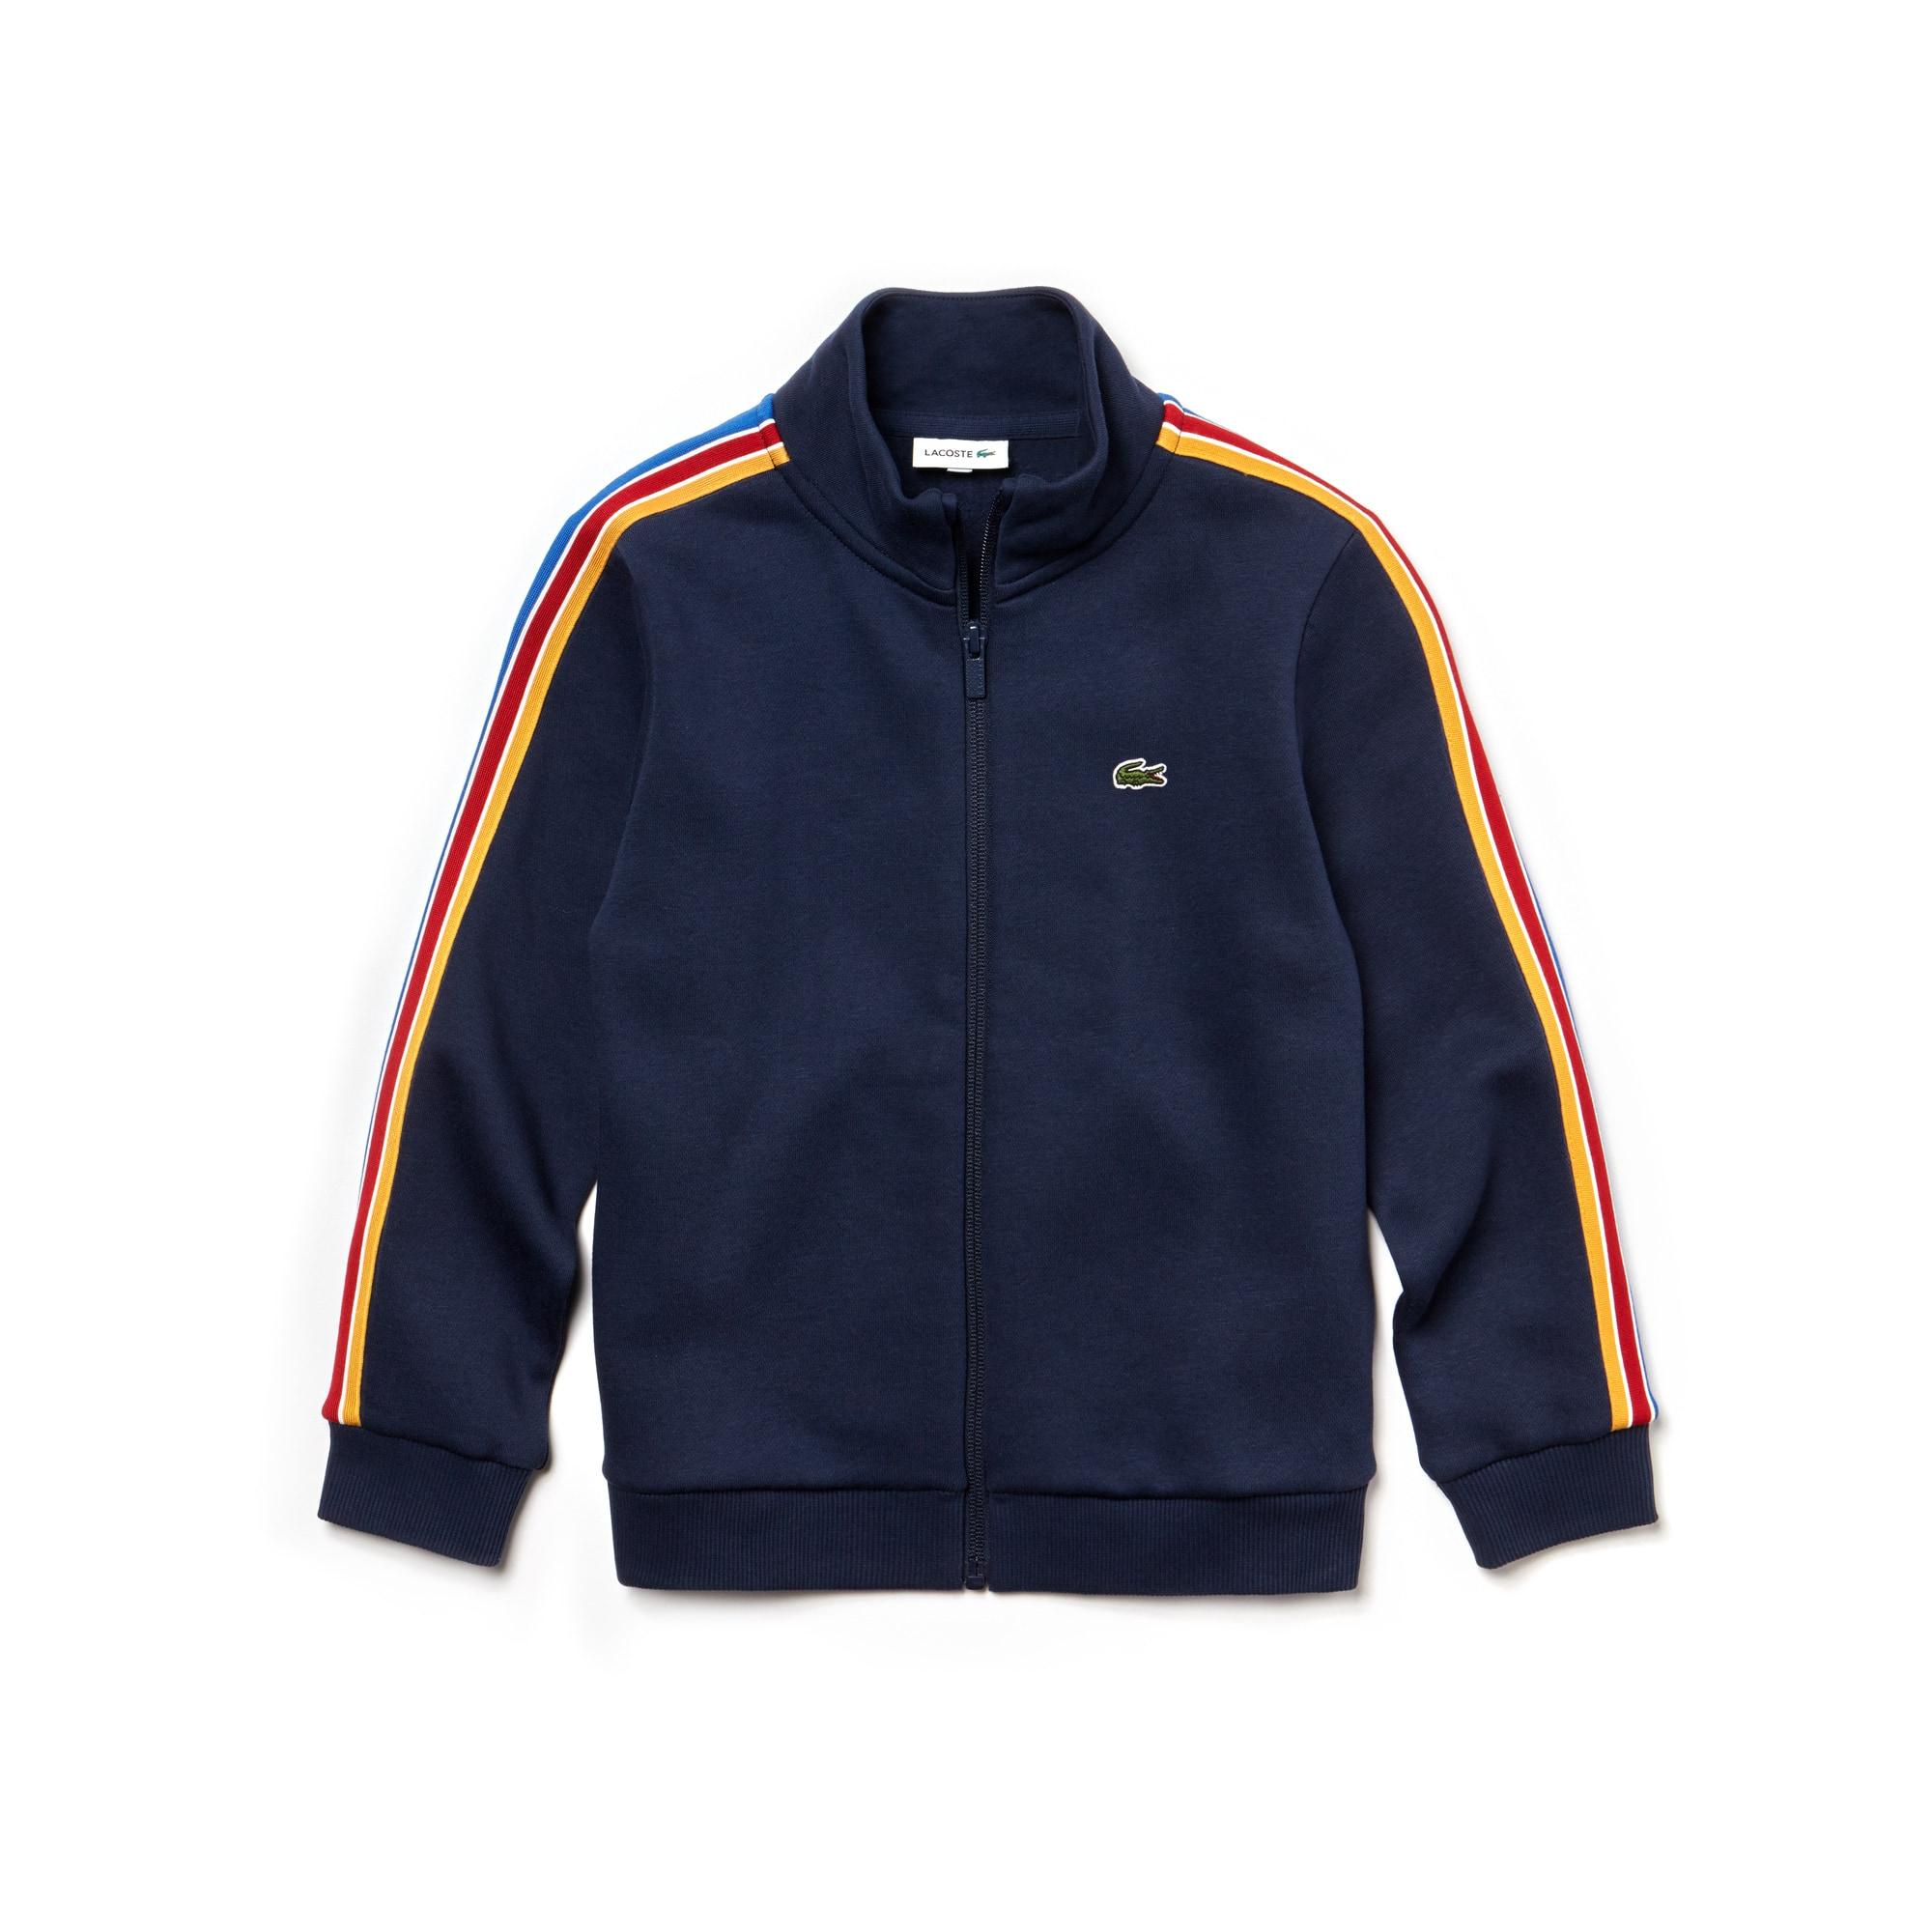 Sweatshirt Menino com fecho de correr e gola subida em moletão com faixas coloridas